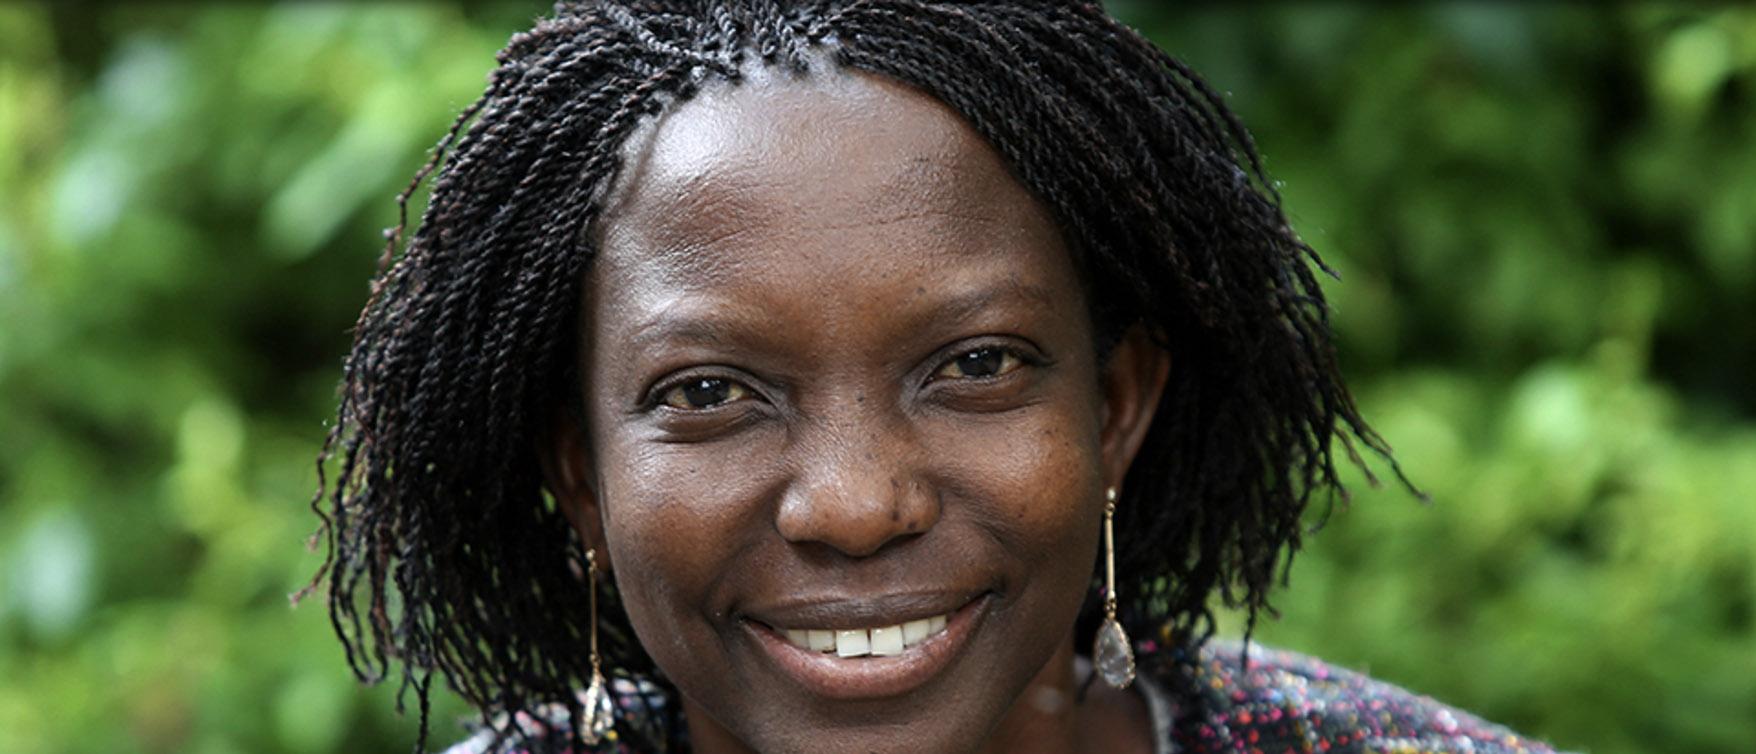 Agnes Igoye